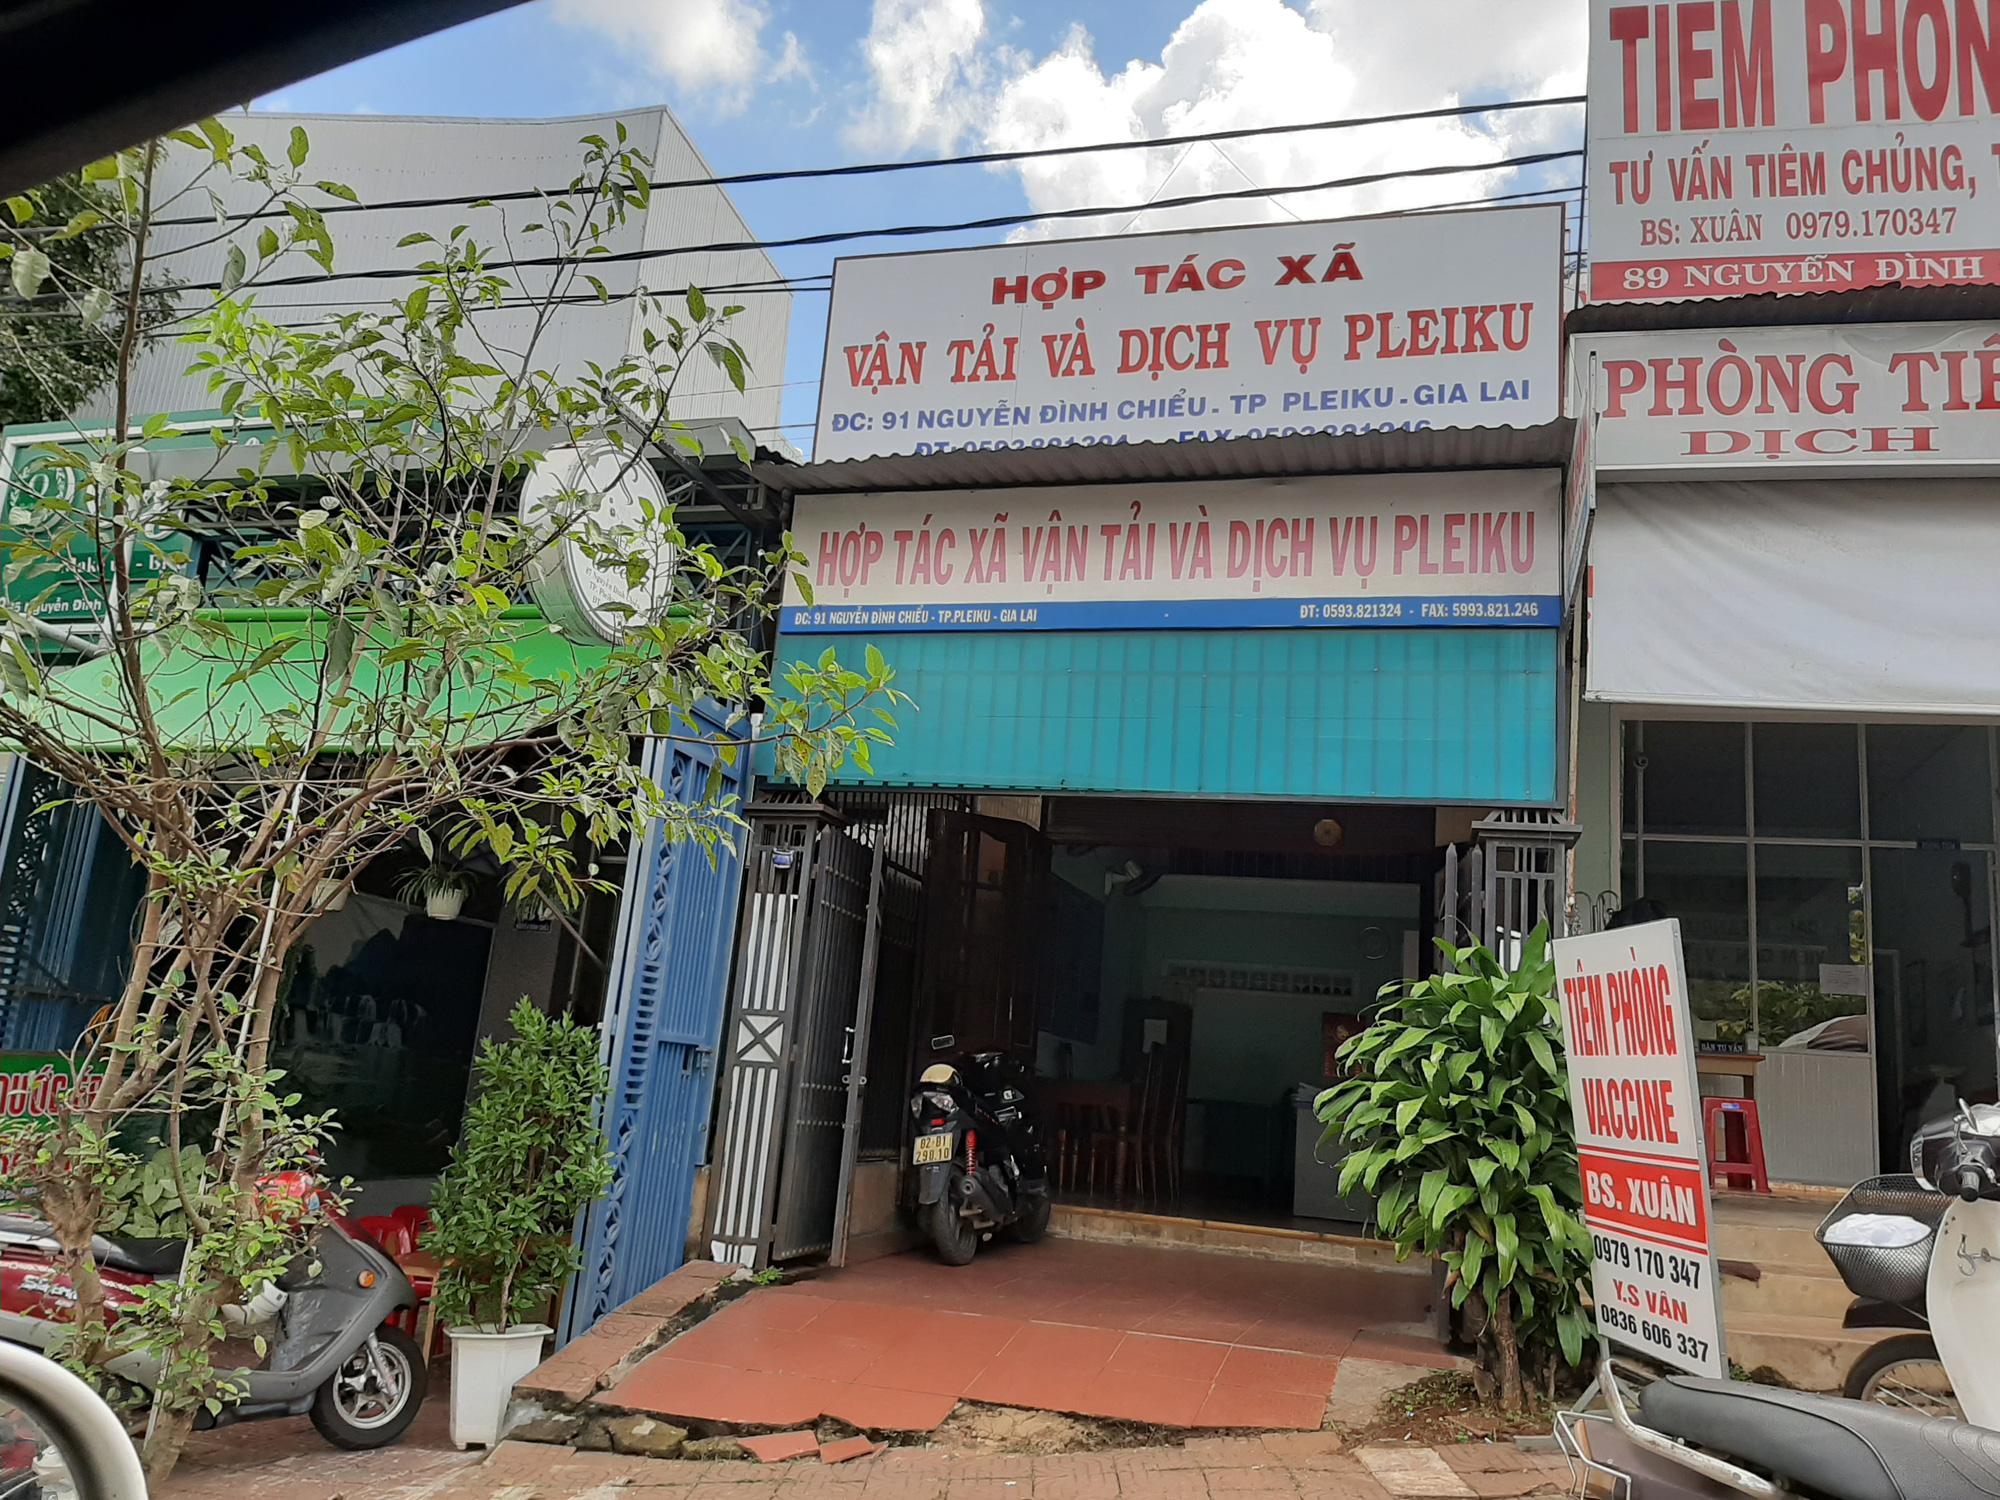 Sai phạm tại Chi cục Nông lâm thủy sản: Ông Lê Huy Toàn không còn làm Chi cục trưởng - Ảnh 2.